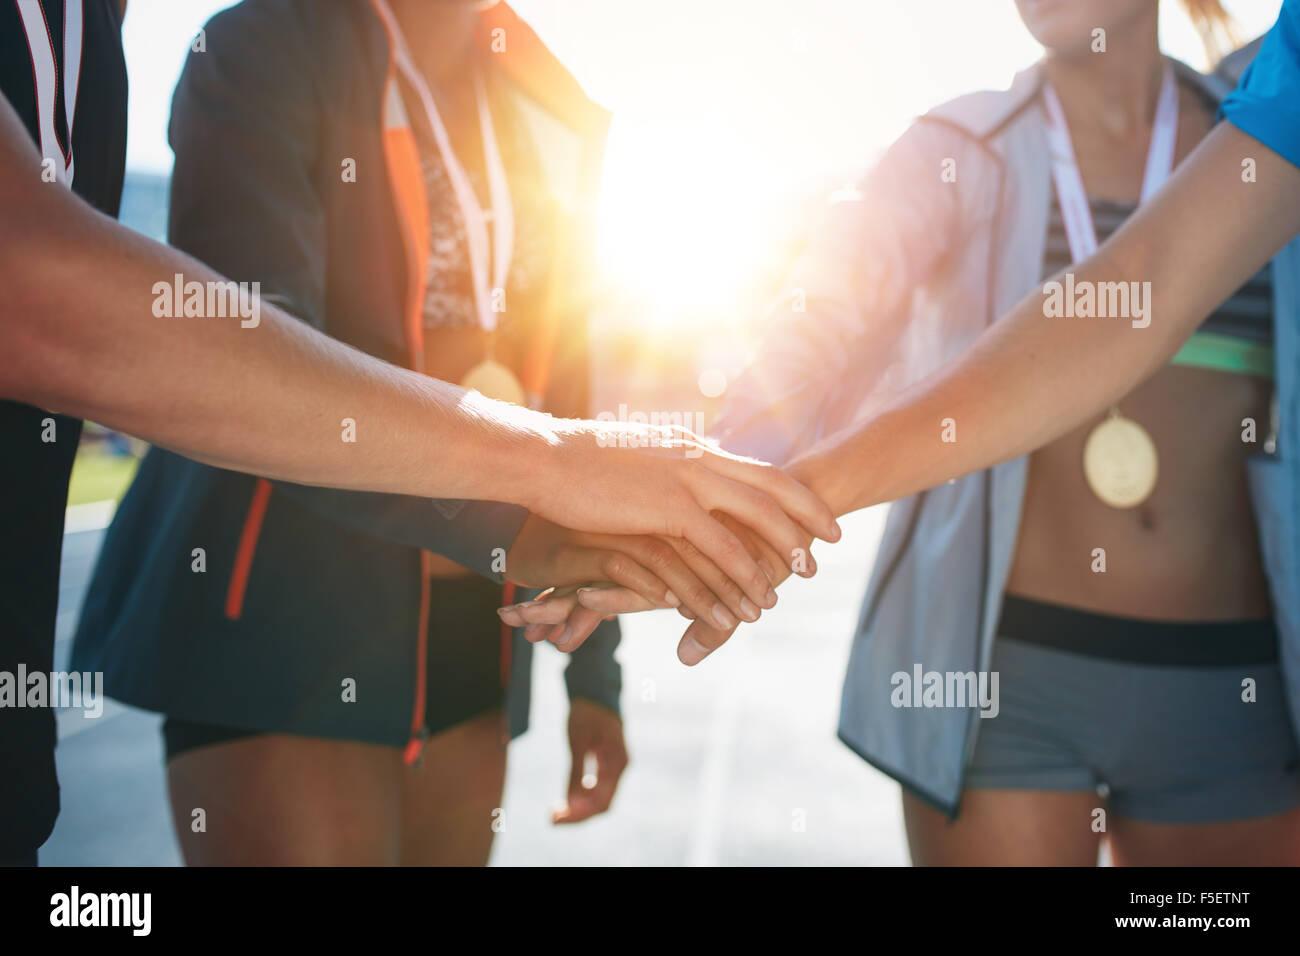 Sportler mit Händen im Huddle zusammen. Team mit Händen gemeinsam Erfolge feiern, nachdem er Leichtathletik Stockbild